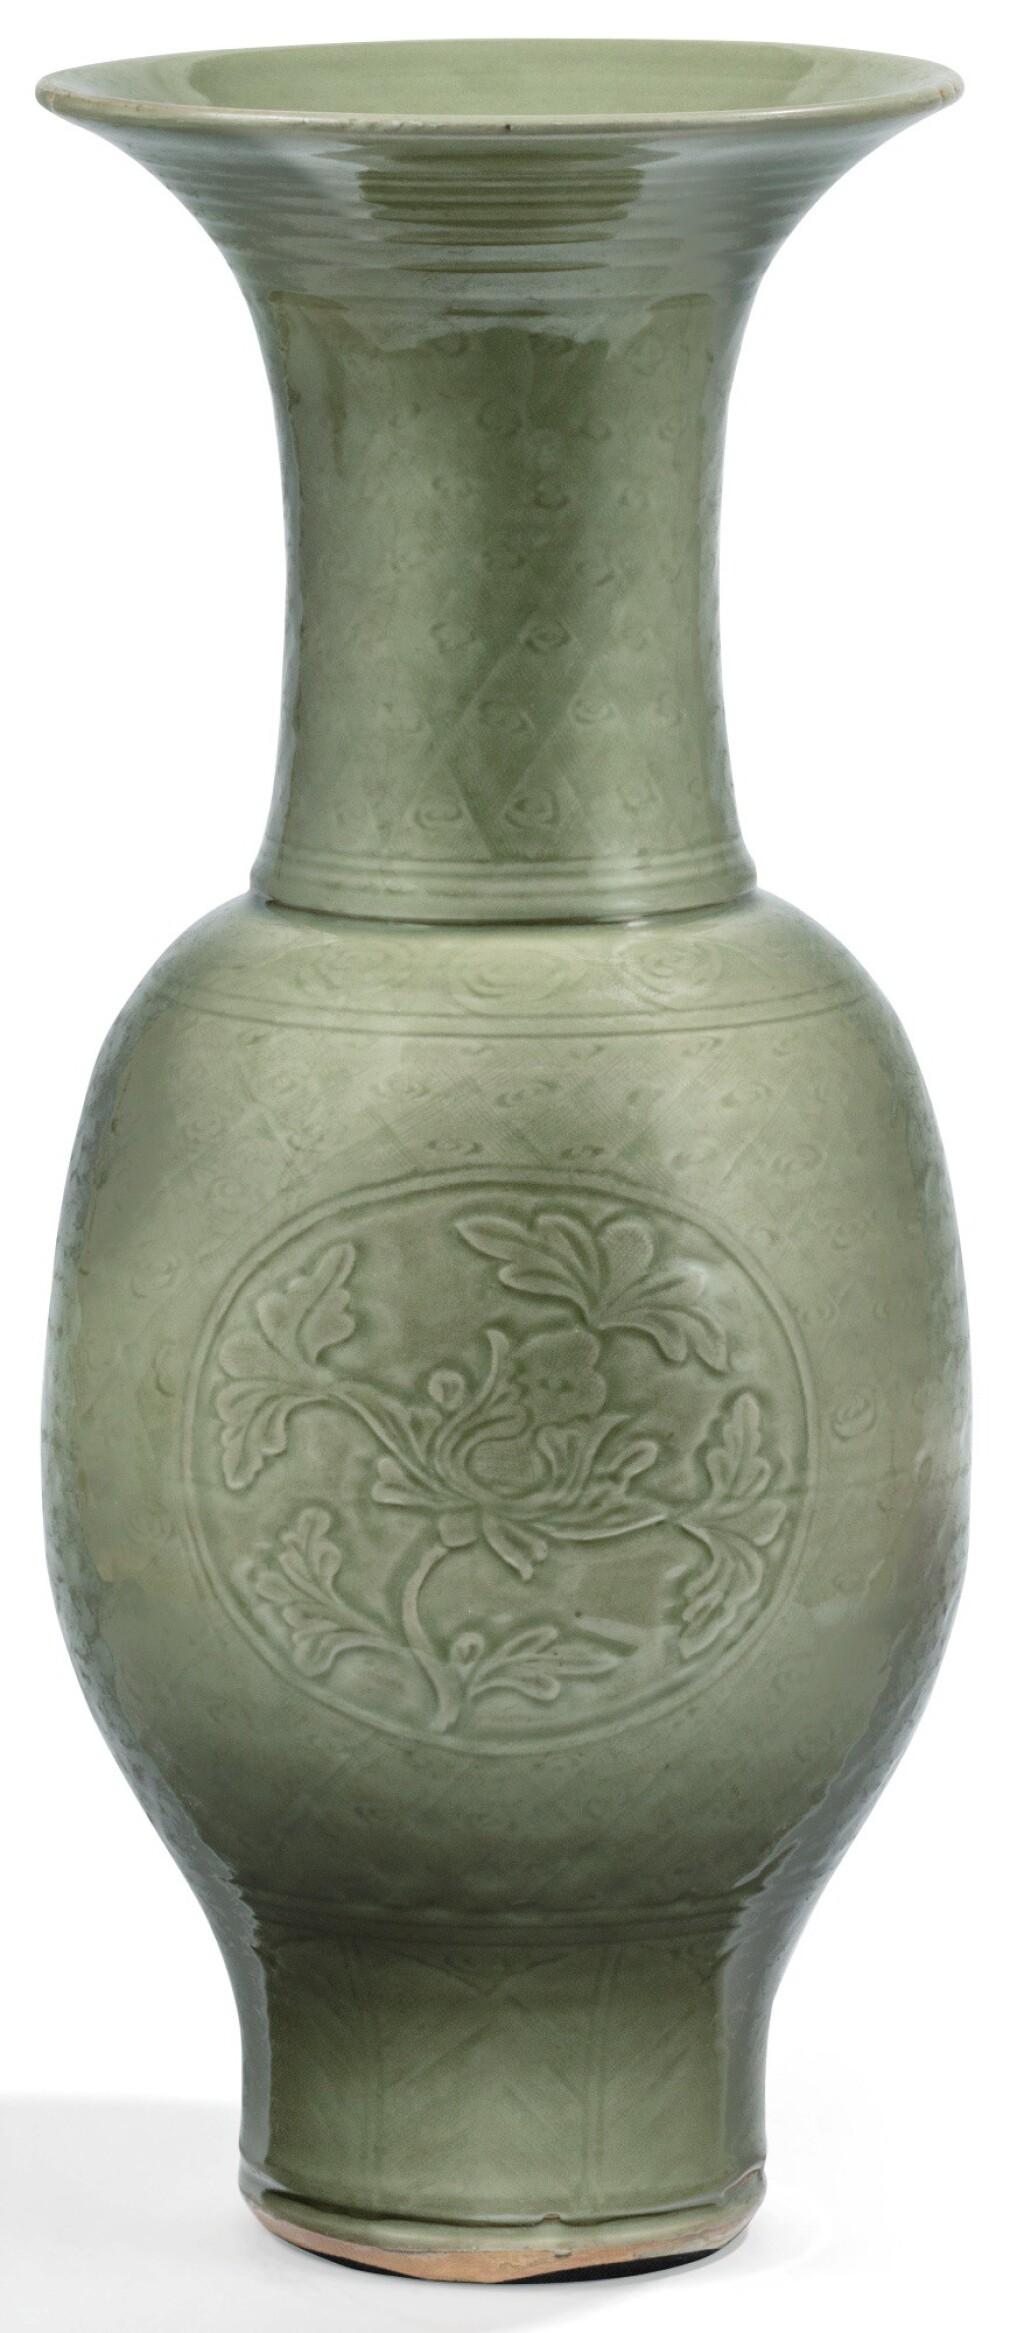 GRAND VASE EN GRÈS CÉLADON LONGQUAN DÉBUT DE LA DYNASTIE MING | 明早期 龍泉窰青釉開光劃花卉紋鳳尾尊 | A large Longquan celadon-glazed baluster vase, early Ming Dynasty